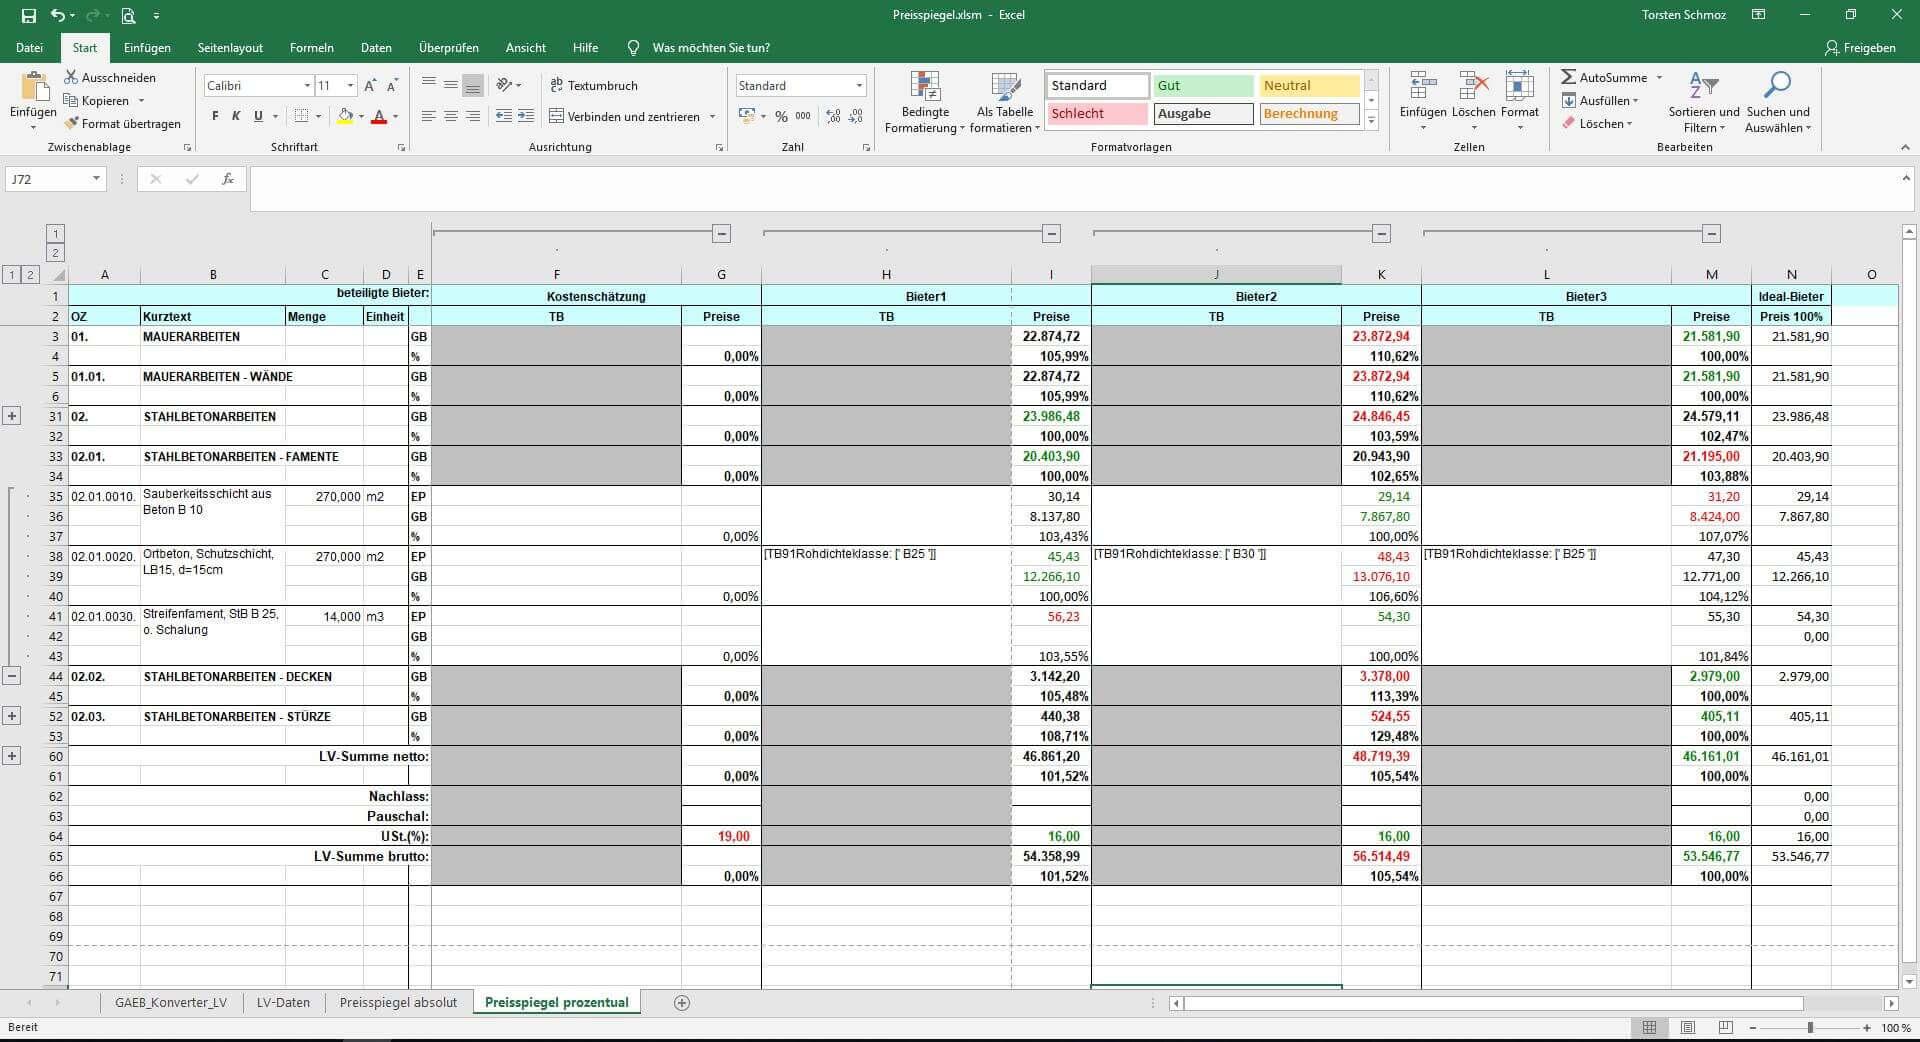 GAEB-Konverter, prozenztualer Preisspiegel nach Excel exportiert